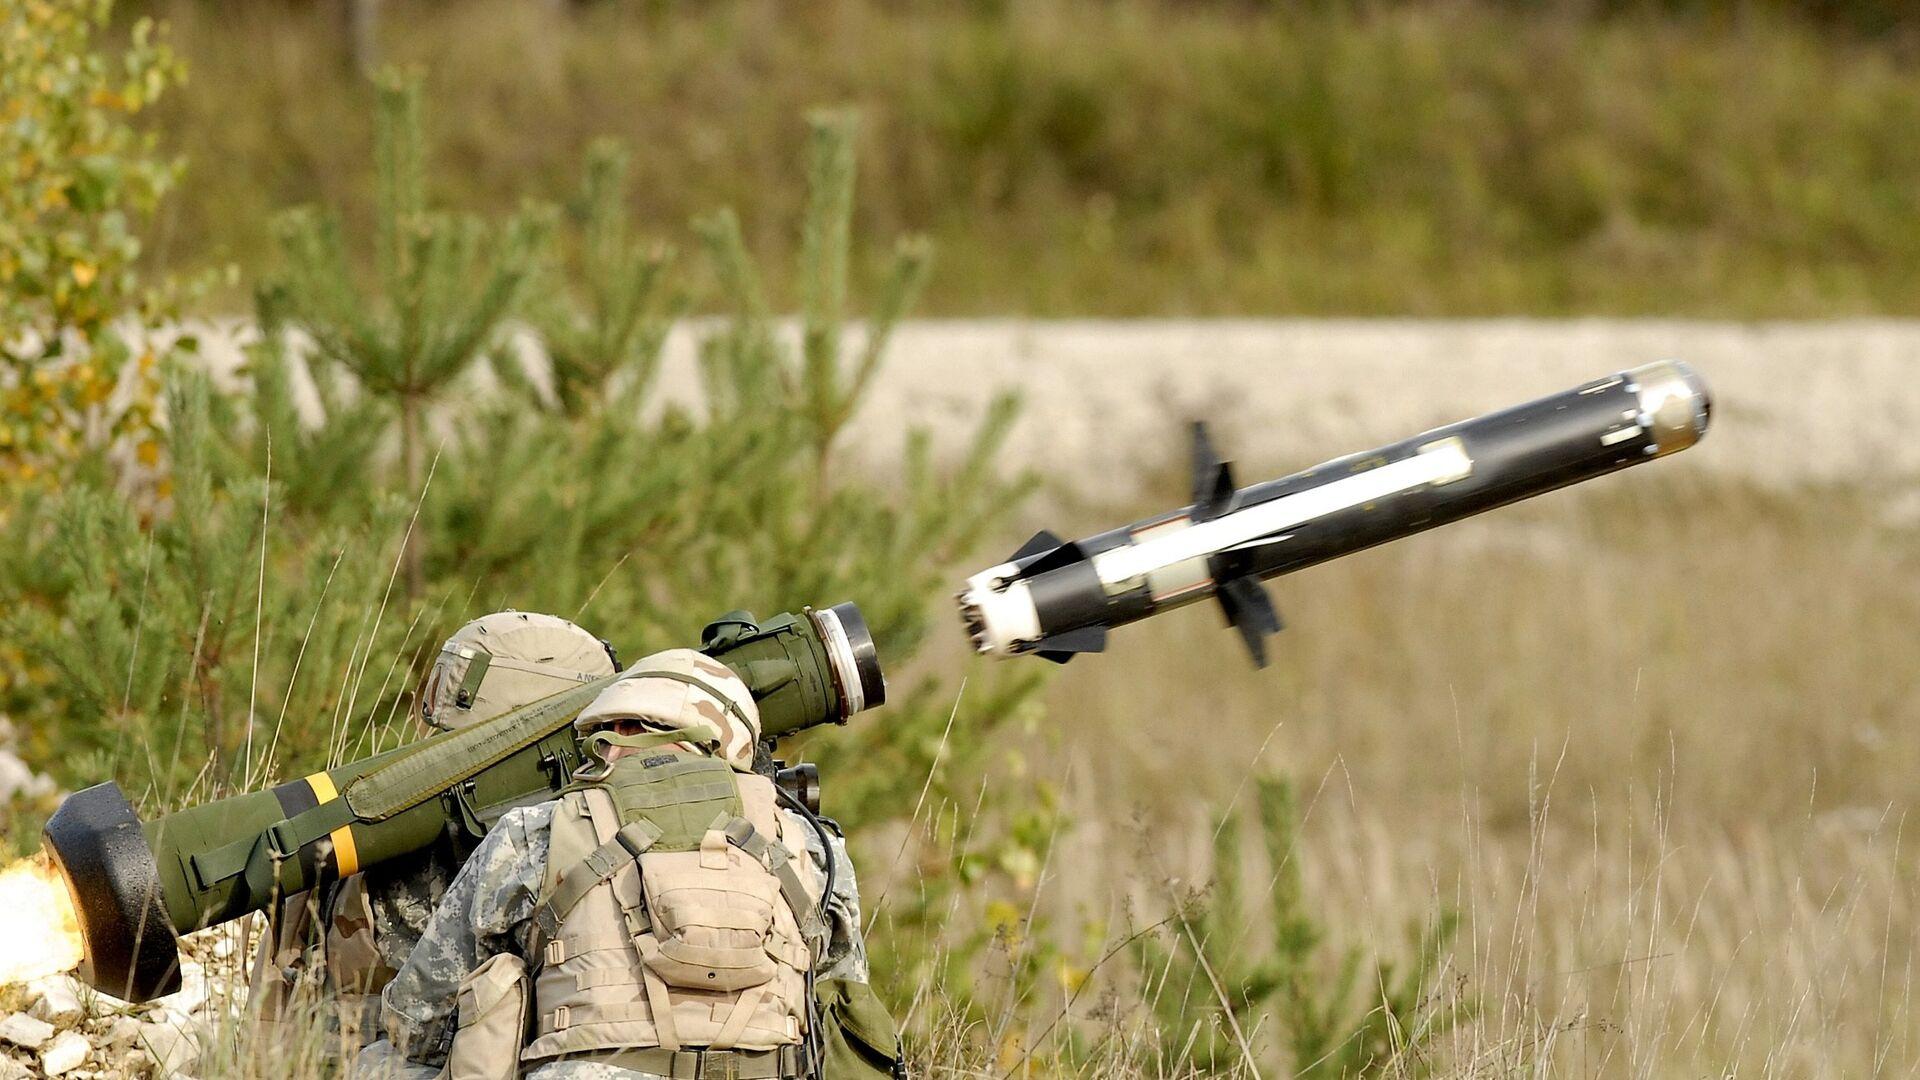 Американские военные производят выстрел из противотанкового ракетного комплекса (ПТРК) FGM-148 Javelin - РИА Новости, 1920, 03.08.2021